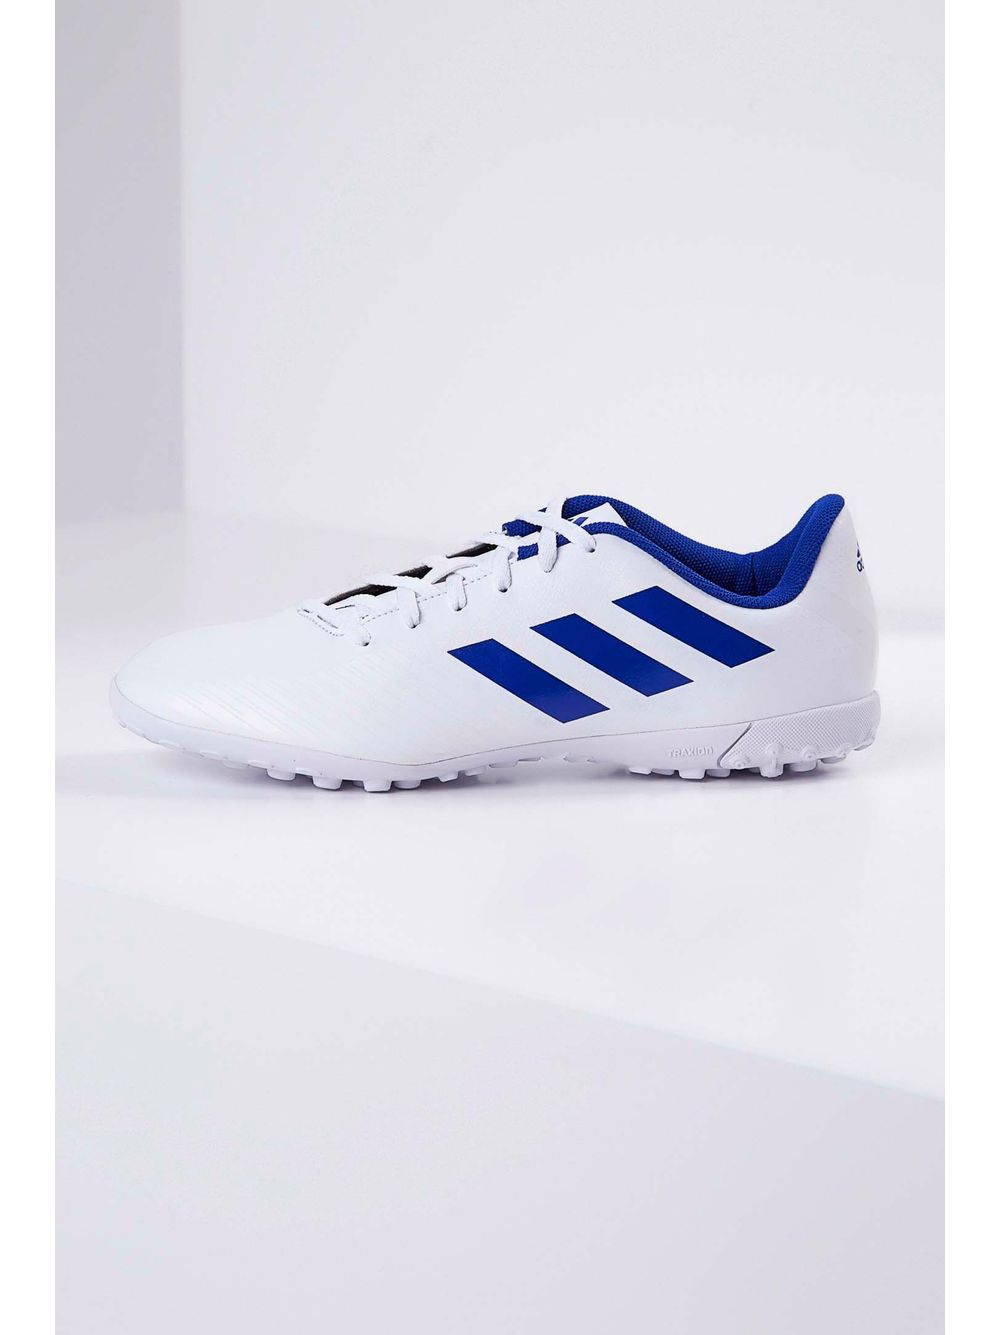 0d17906869 Previous. Chuteira-Society-Adidas-Artilheira-Iii-Branco ...